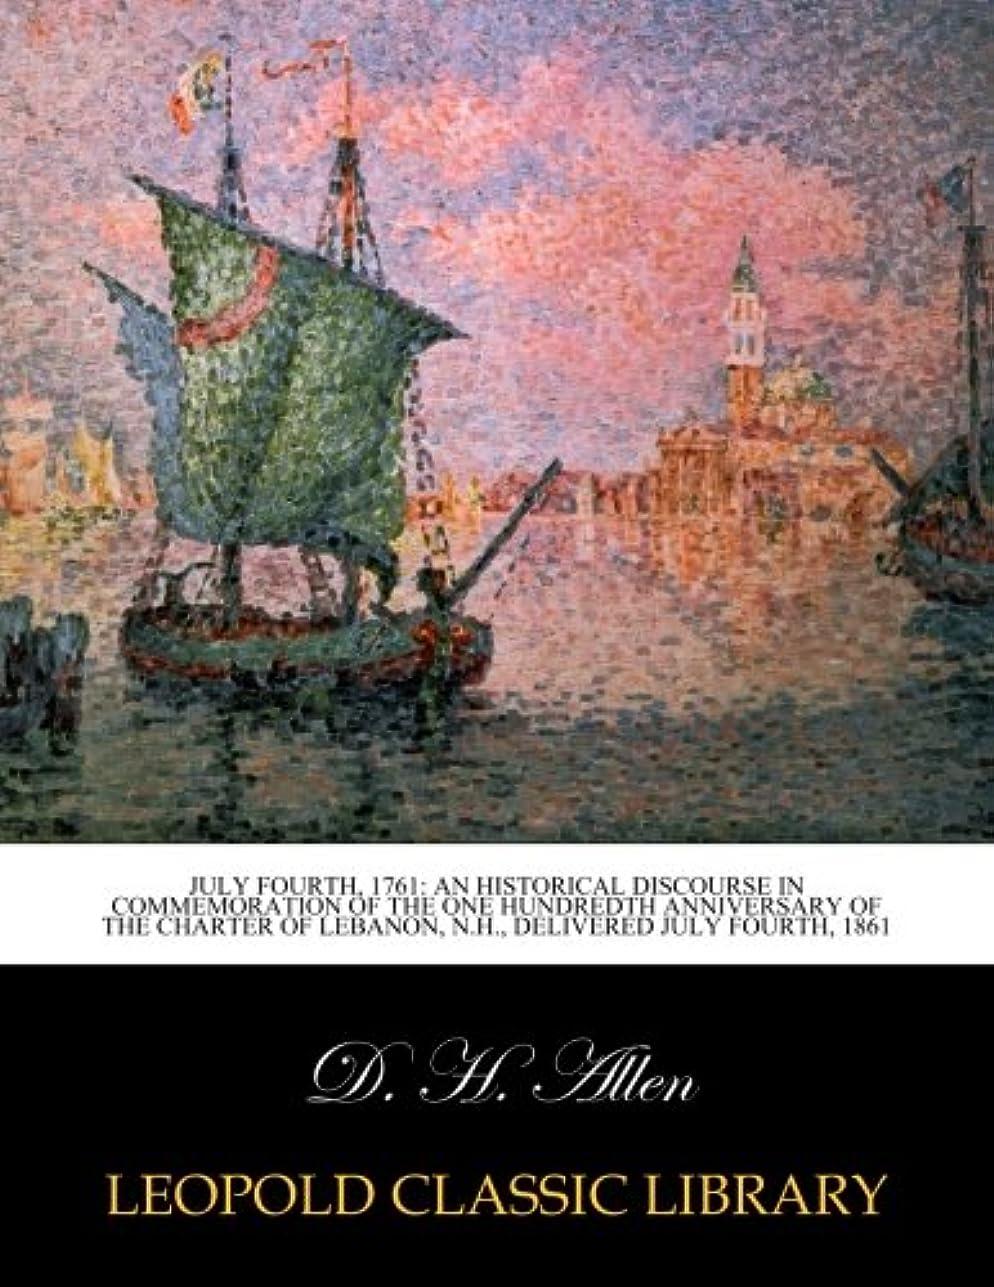 出版ダンス許されるJuly fourth, 1761: an historical discourse in commemoration of the one hundredth anniversary of the charter of Lebanon, N.H., delivered July fourth, 1861